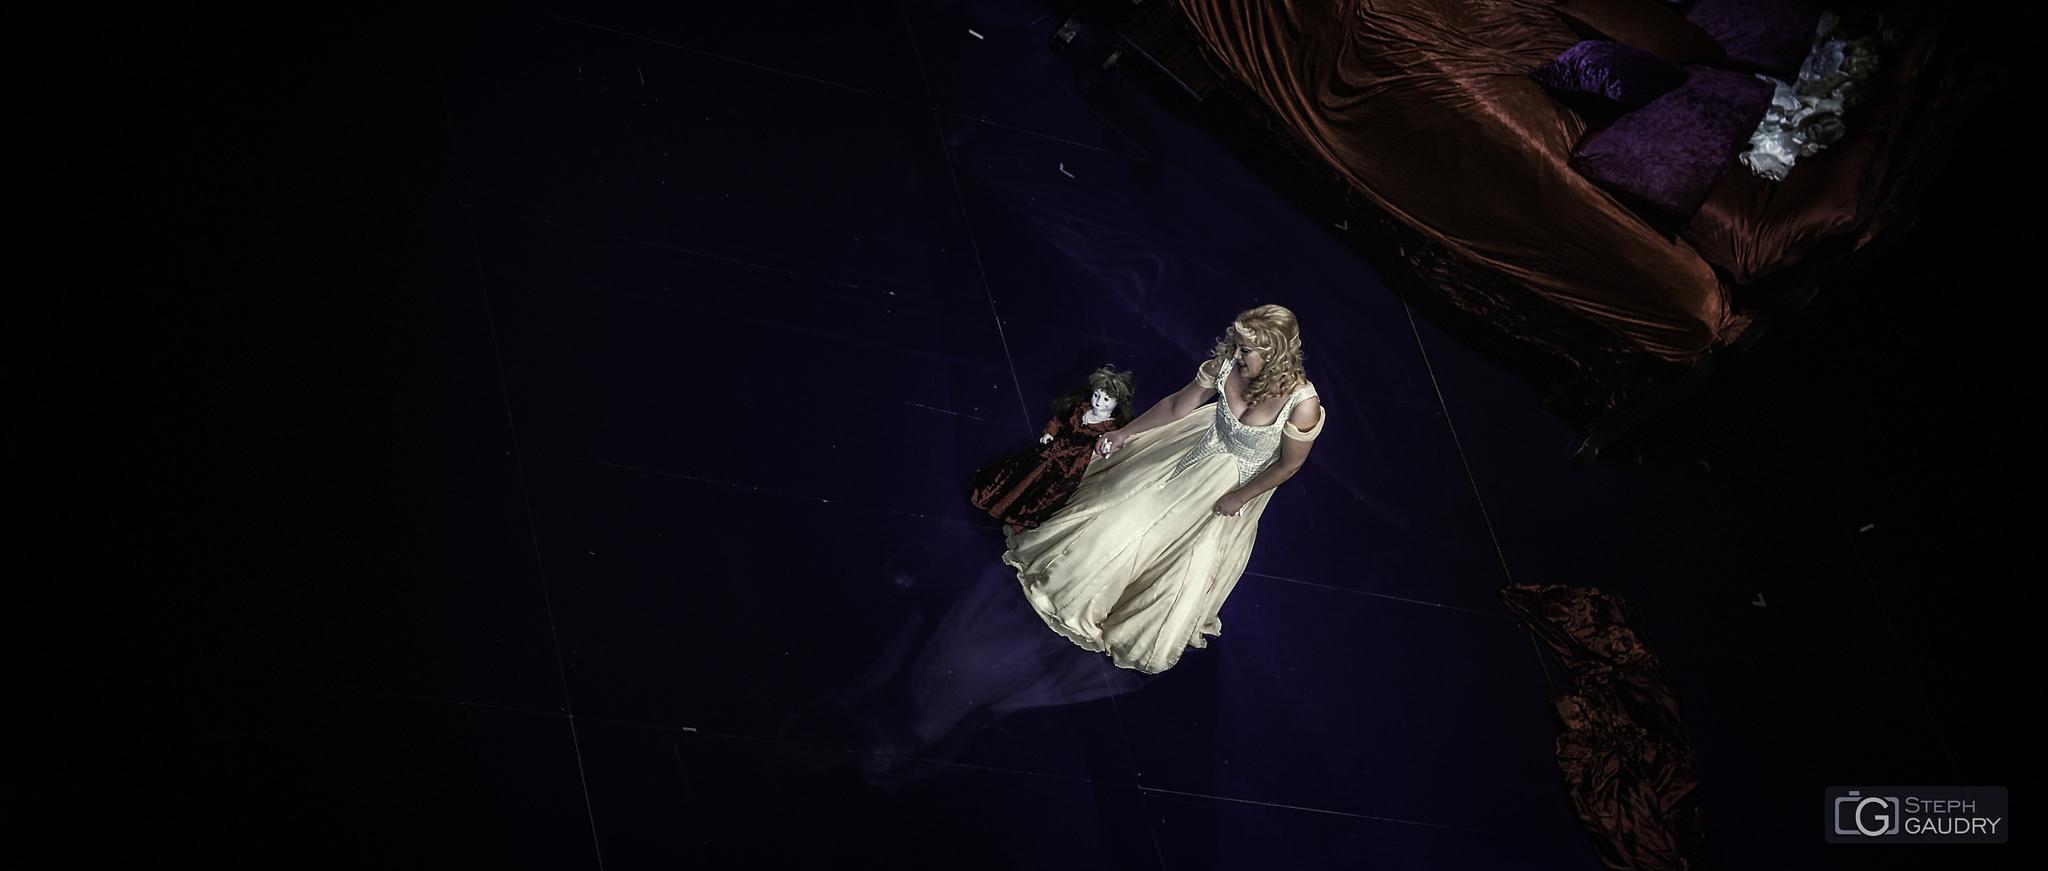 La traviata - Violetta (Mirela Gradinaru) [Click to start slideshow]